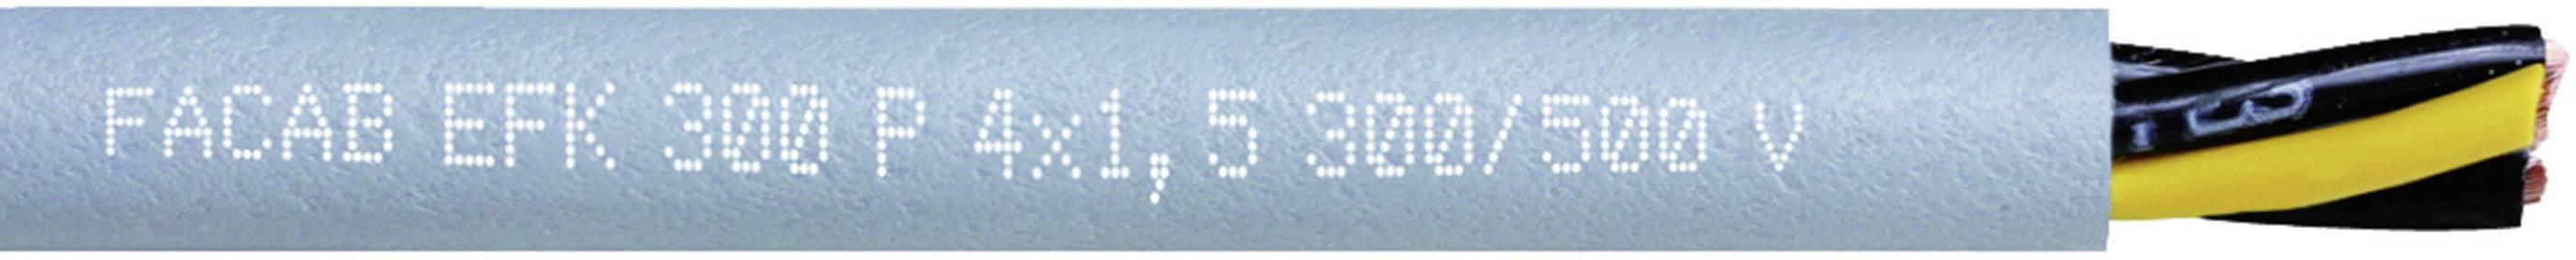 Tažný kabel Faber Kabel EFK 300 P AD300 - SCHLEPPLTG. TPE/PUR (032537), 2x 1,5 mm², polyurethan, Ø 6,8 mm, nes